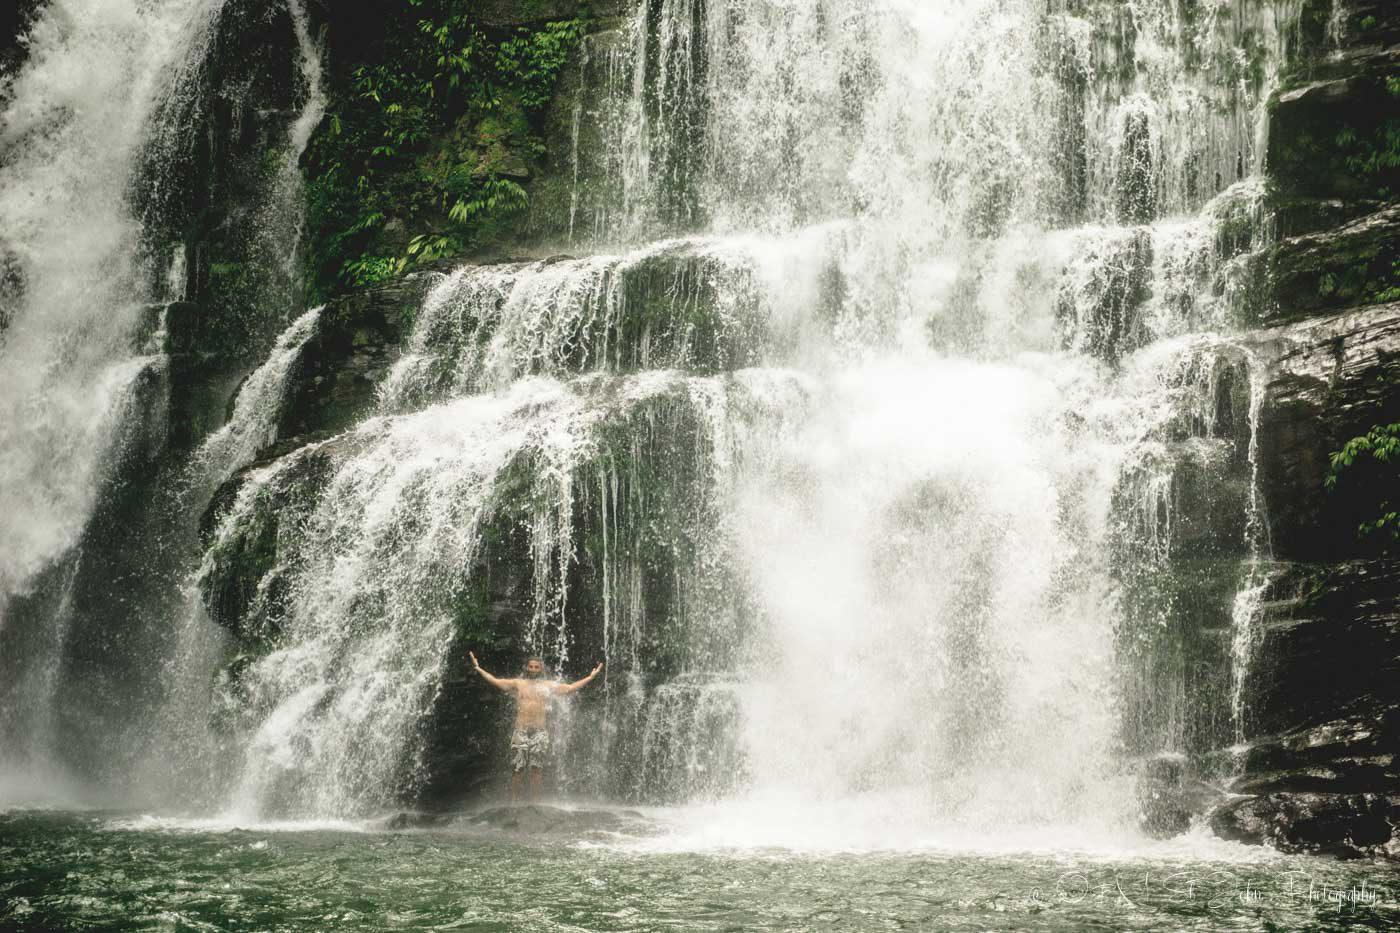 Things to do in Dominical, Nauyaca Falls